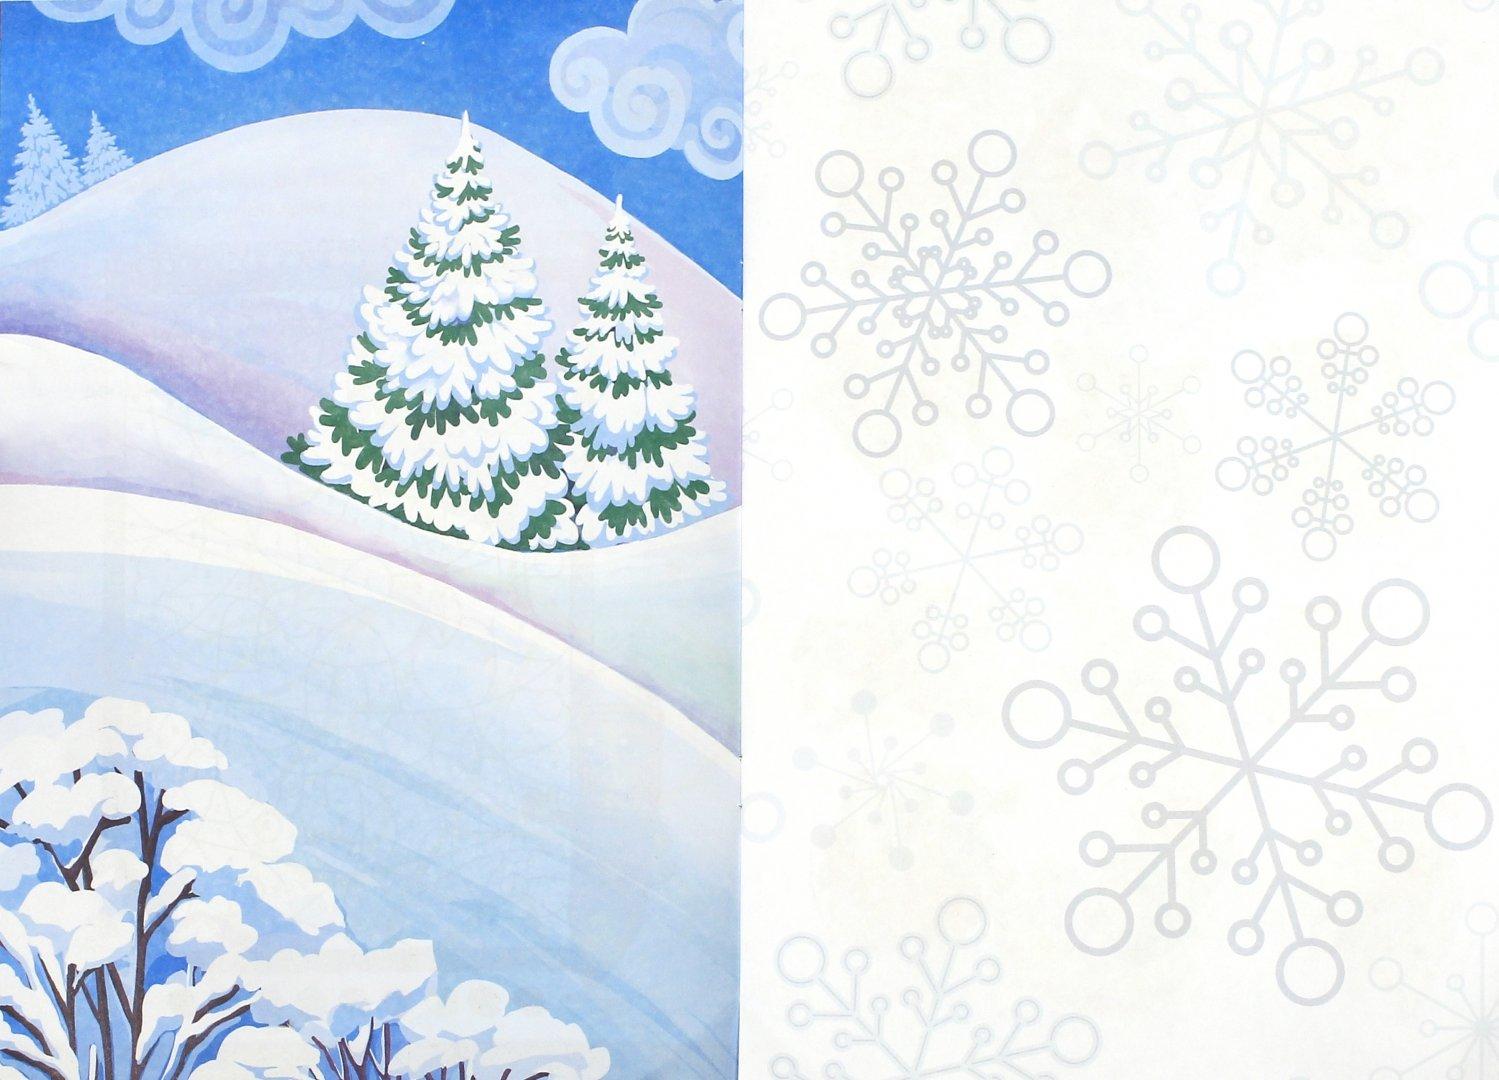 шаблоны к новому году зимний сказочный лес отличие